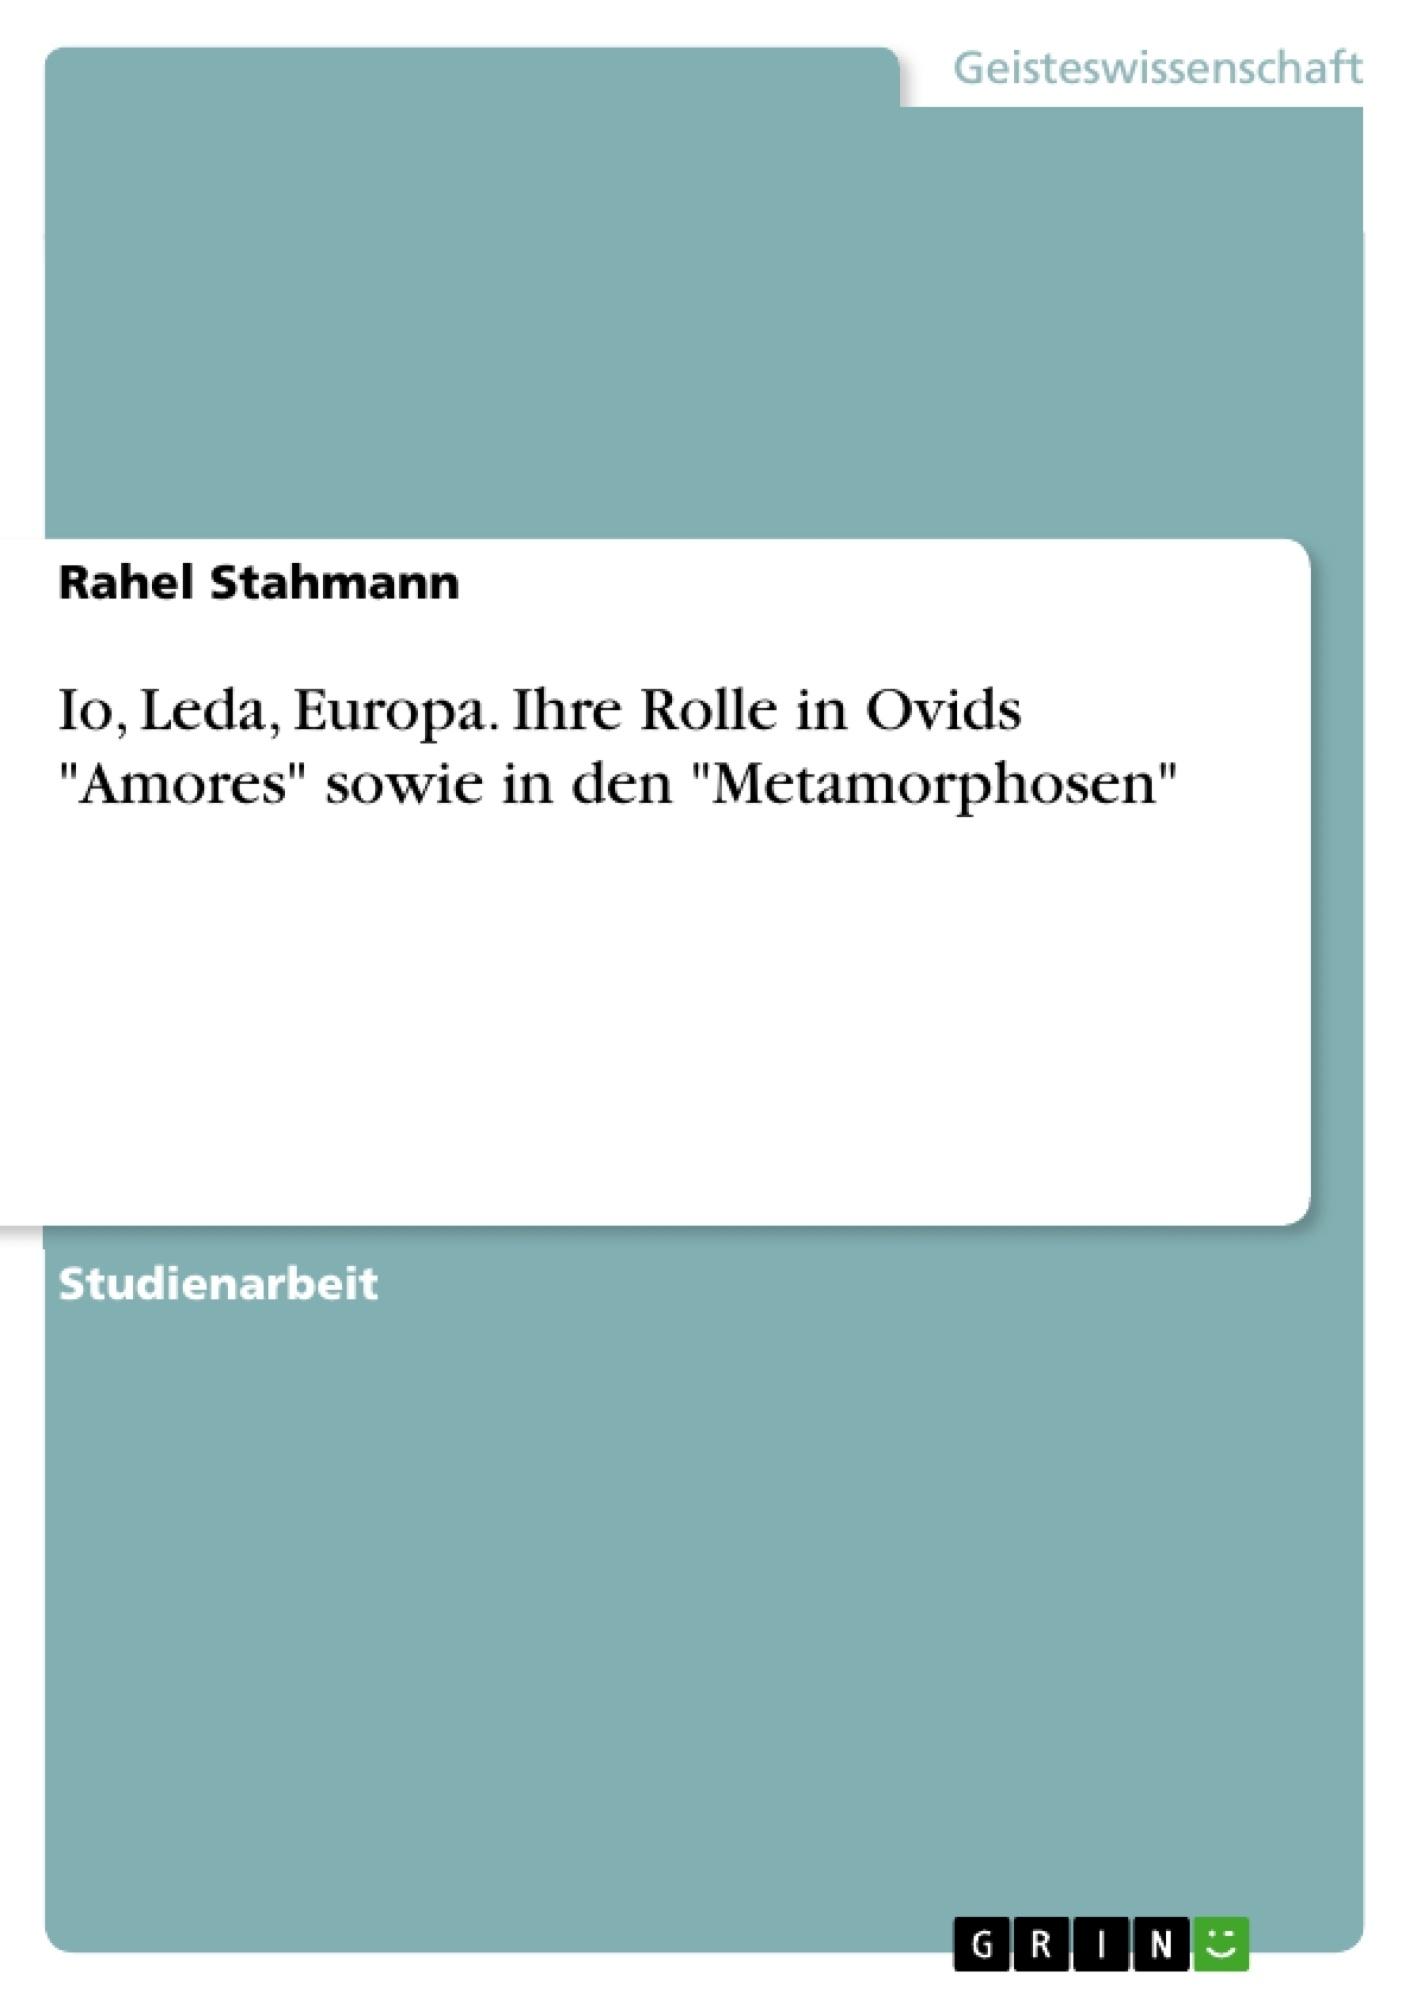 """Titel: Io, Leda, Europa. Ihre Rolle in Ovids """"Amores"""" sowie in den """"Metamorphosen"""""""